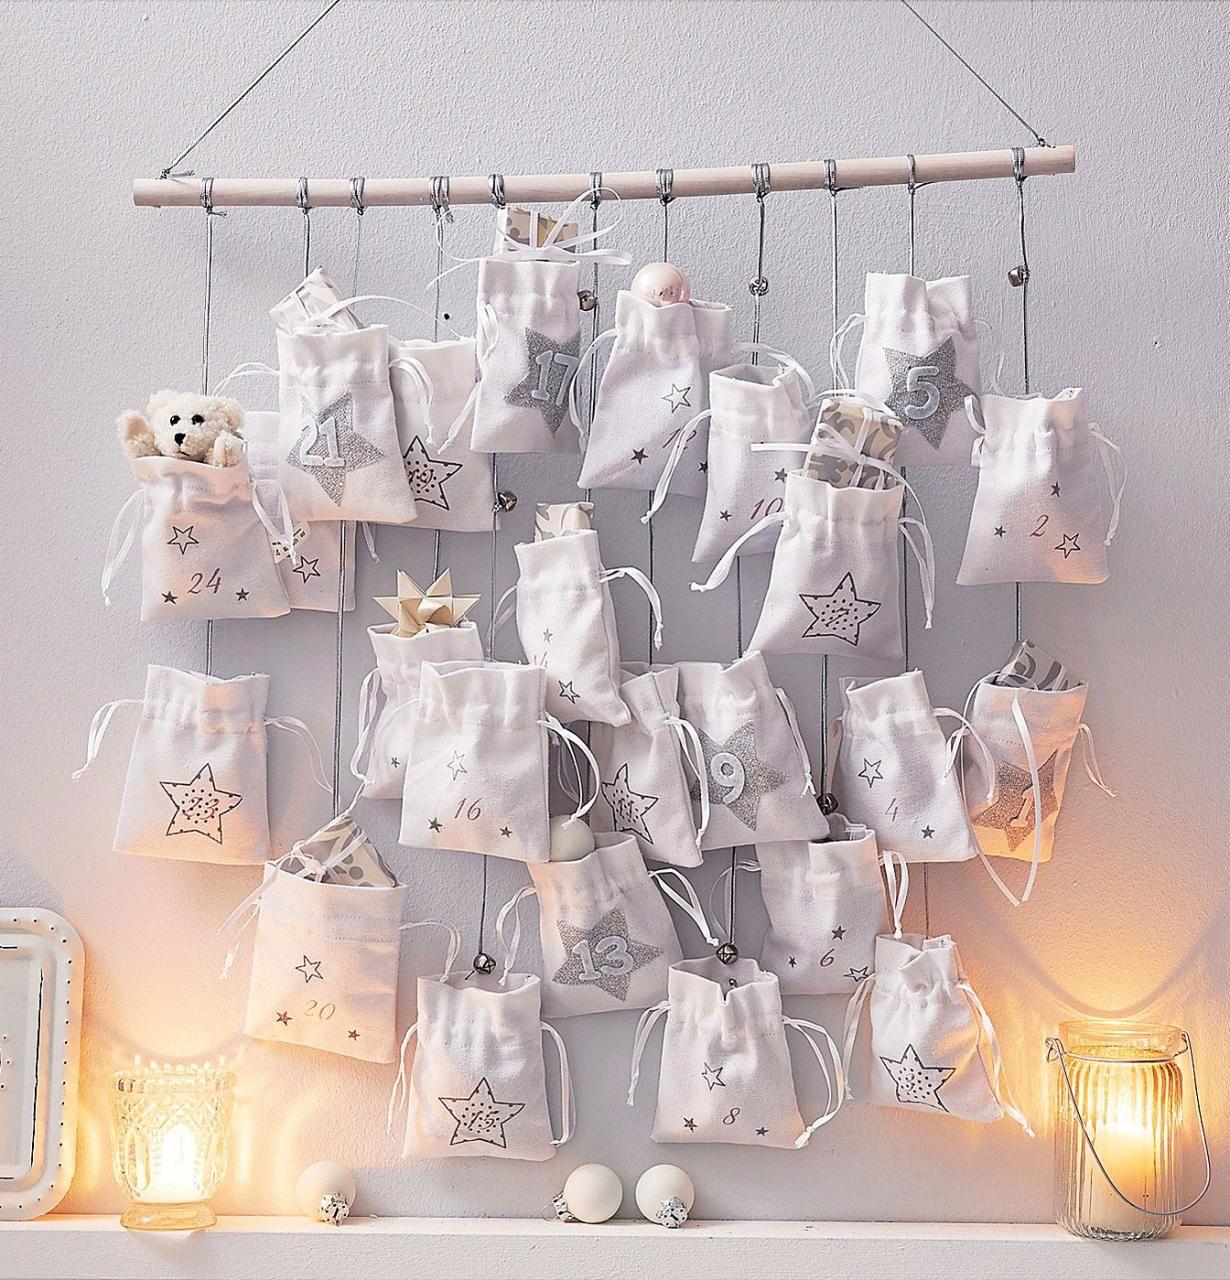 adventskalender modelle zum kaufen weihnachten pinterest advent adventskalender und. Black Bedroom Furniture Sets. Home Design Ideas